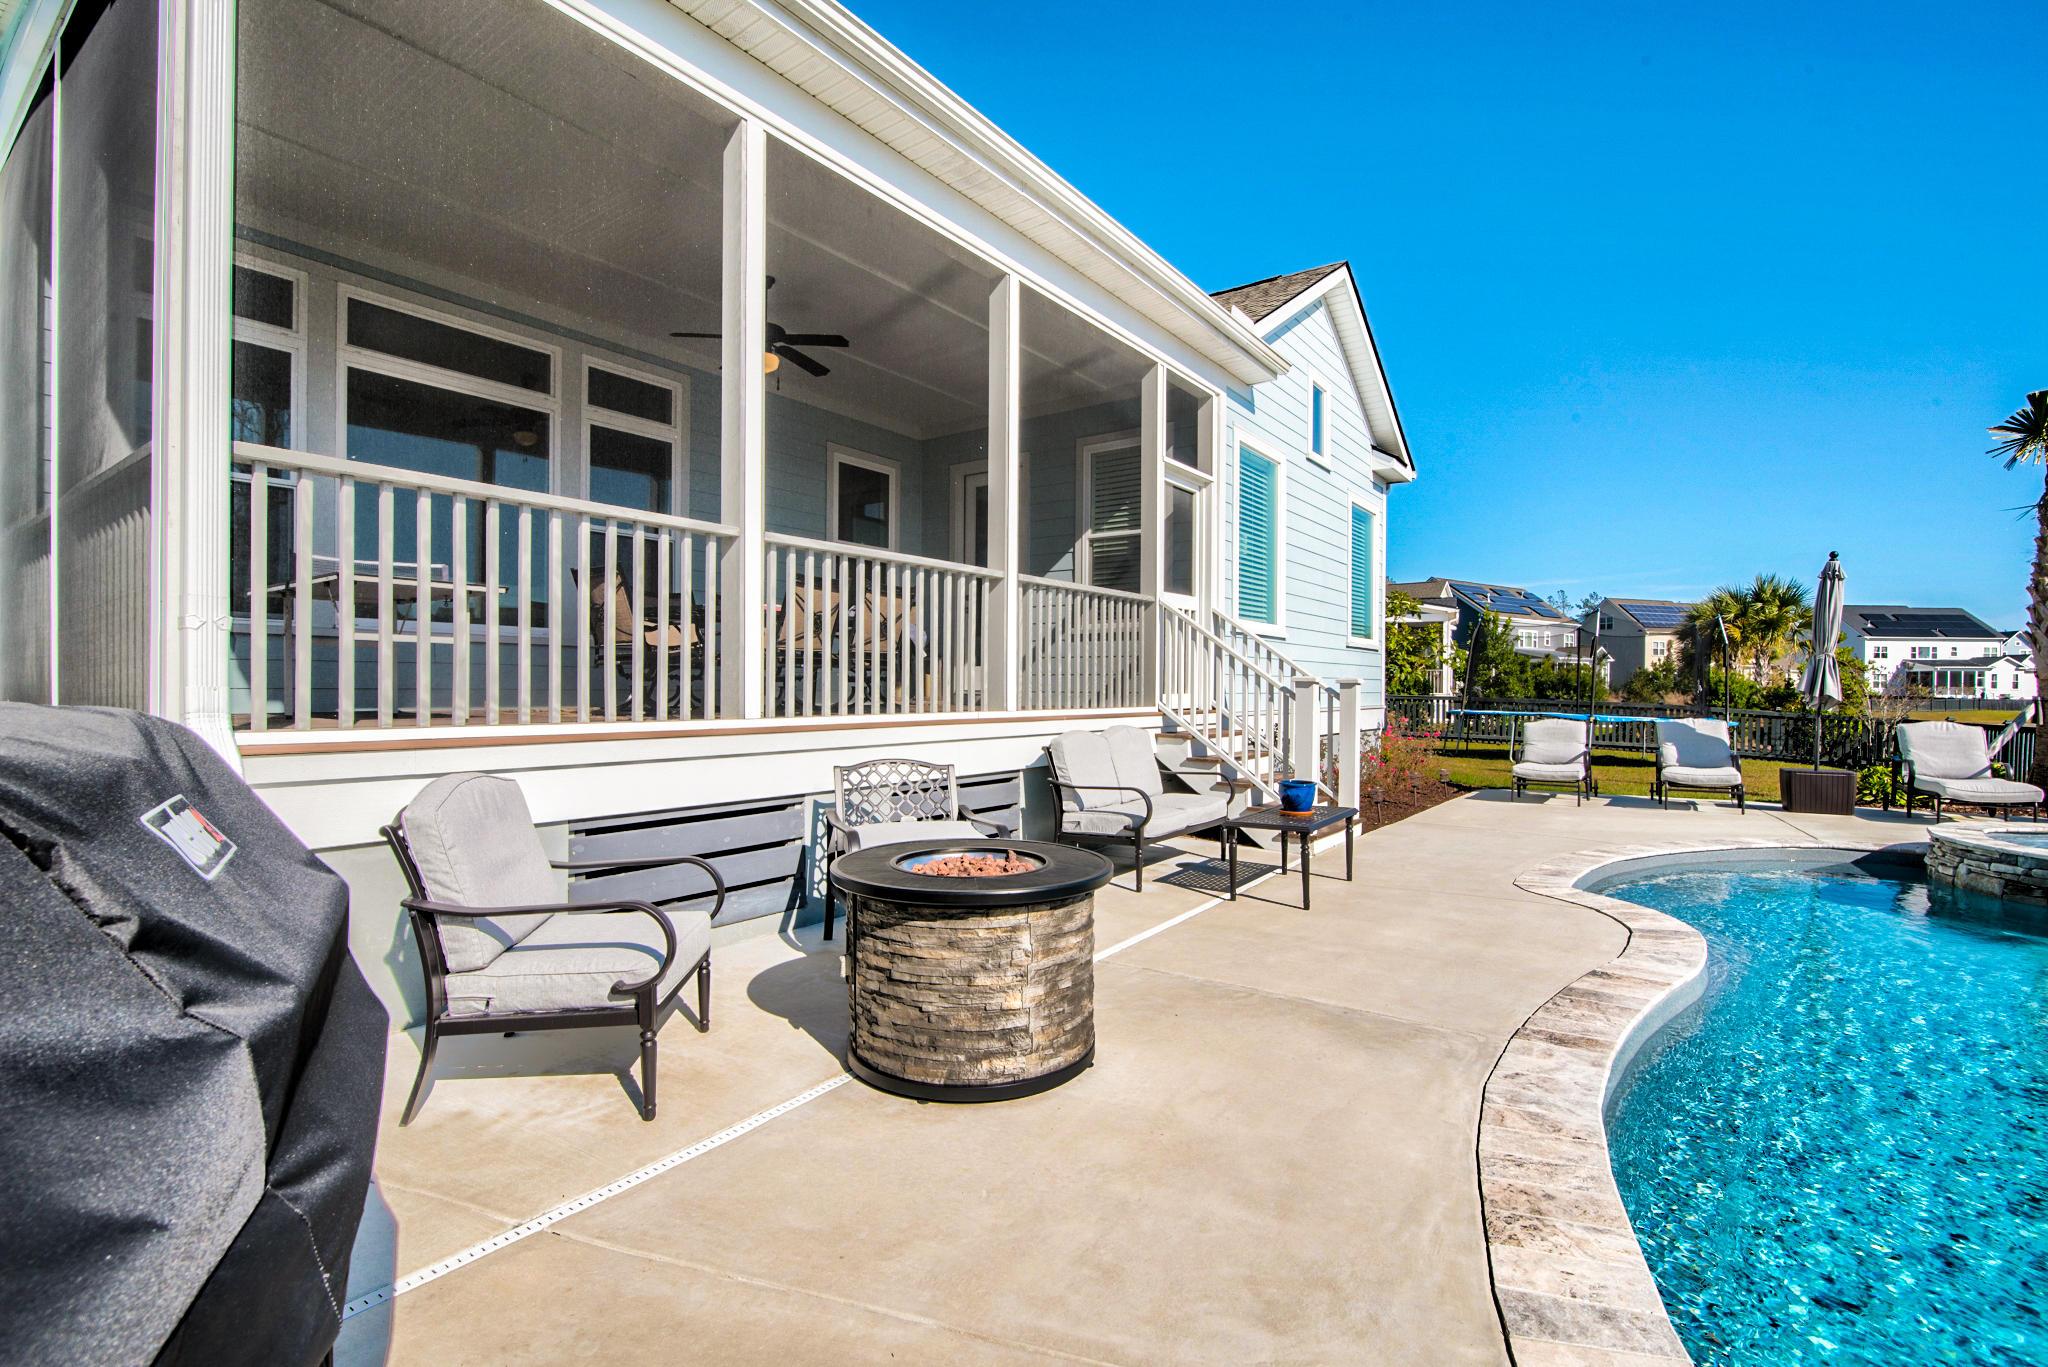 Dunes West Homes For Sale - 2883 River Vista, Mount Pleasant, SC - 20